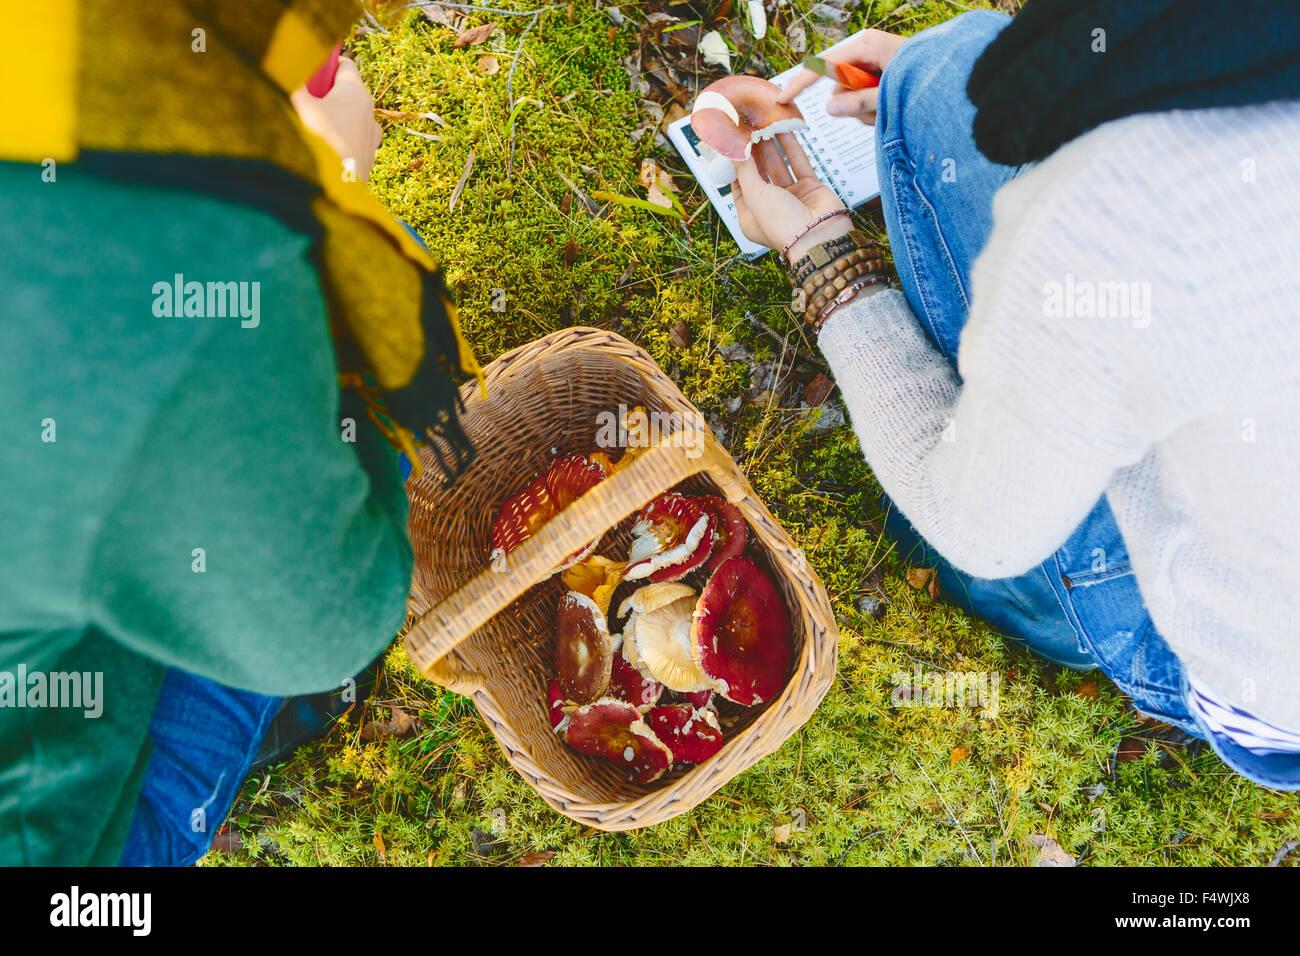 Finlandia, Etela-Savo, Huttula, due giovani donne accovacciato da basketful dei funghi Russula Immagini Stock